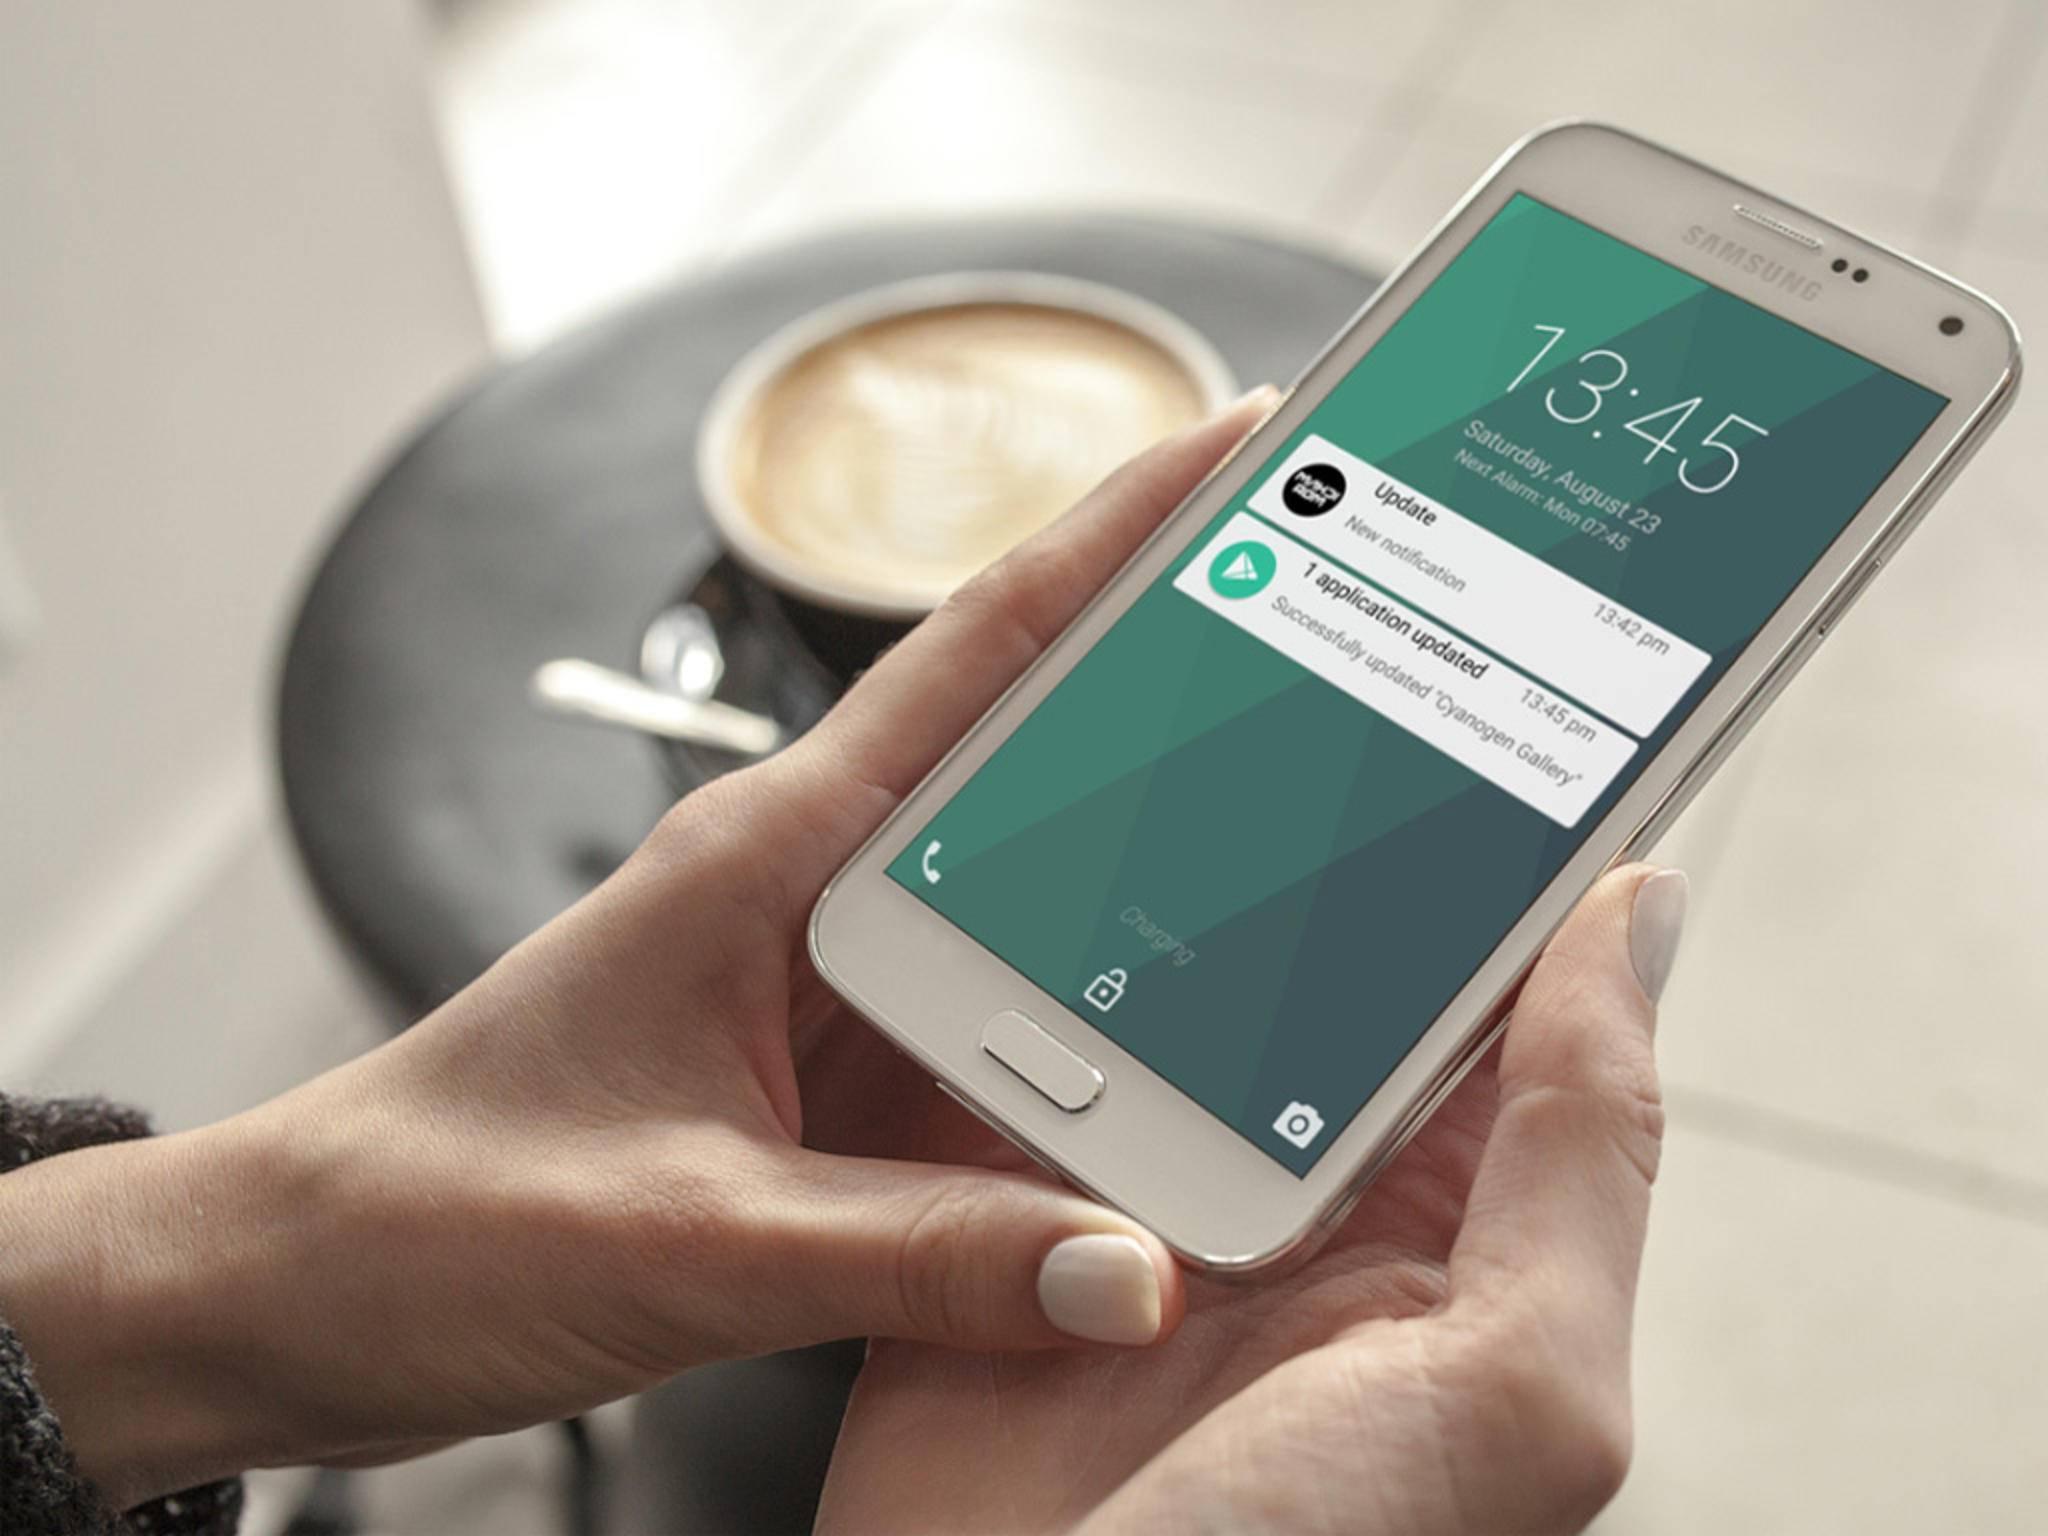 Diverse Sperrbildschirm-Apps personalisieren den Android-Lockscreen.